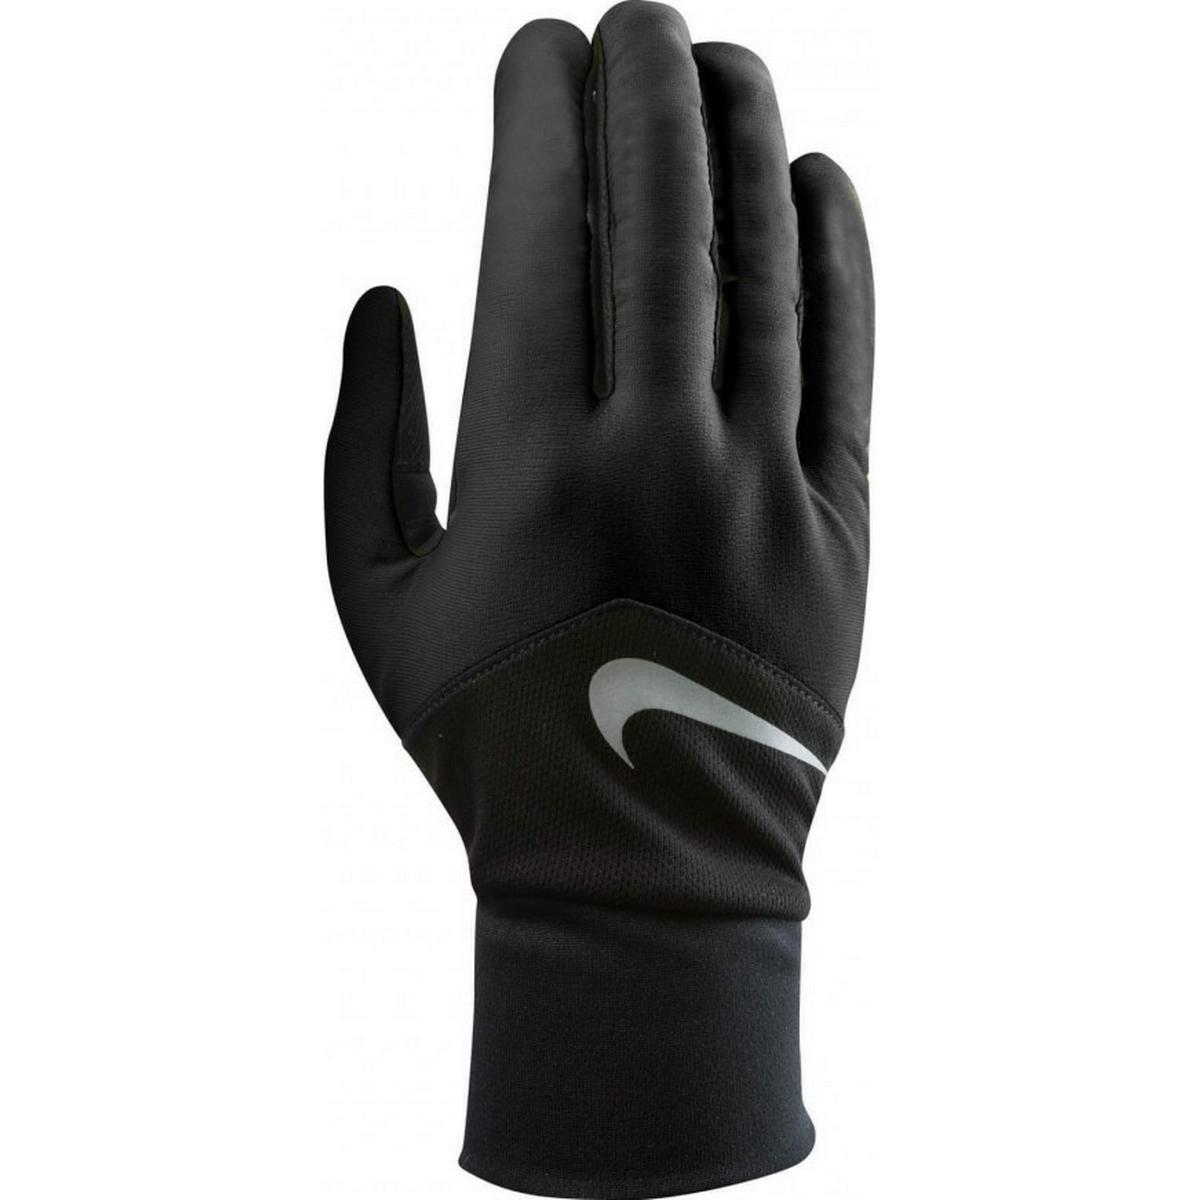 092c2c2e480 Nike Løbehandsker (97 modeller) hos PriceRunner • Se den billigste pris nu »